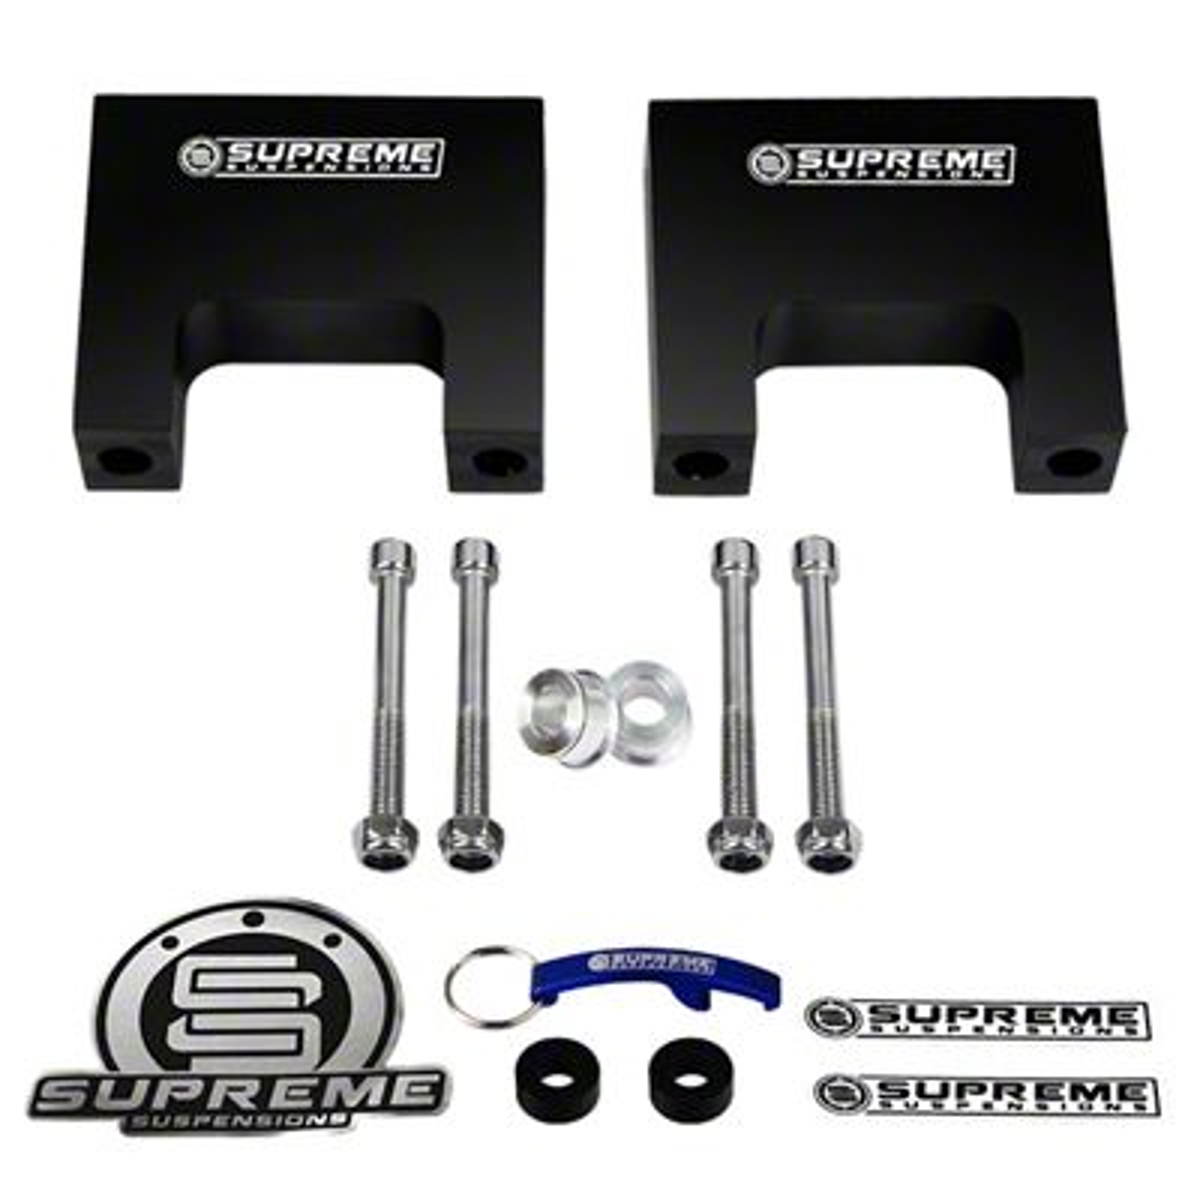 Supreme Suspensions 3 in. Pro Billet Front Shock Lift Spacers (02-08 2WD RAM 1500, Excluding Mega Cab)